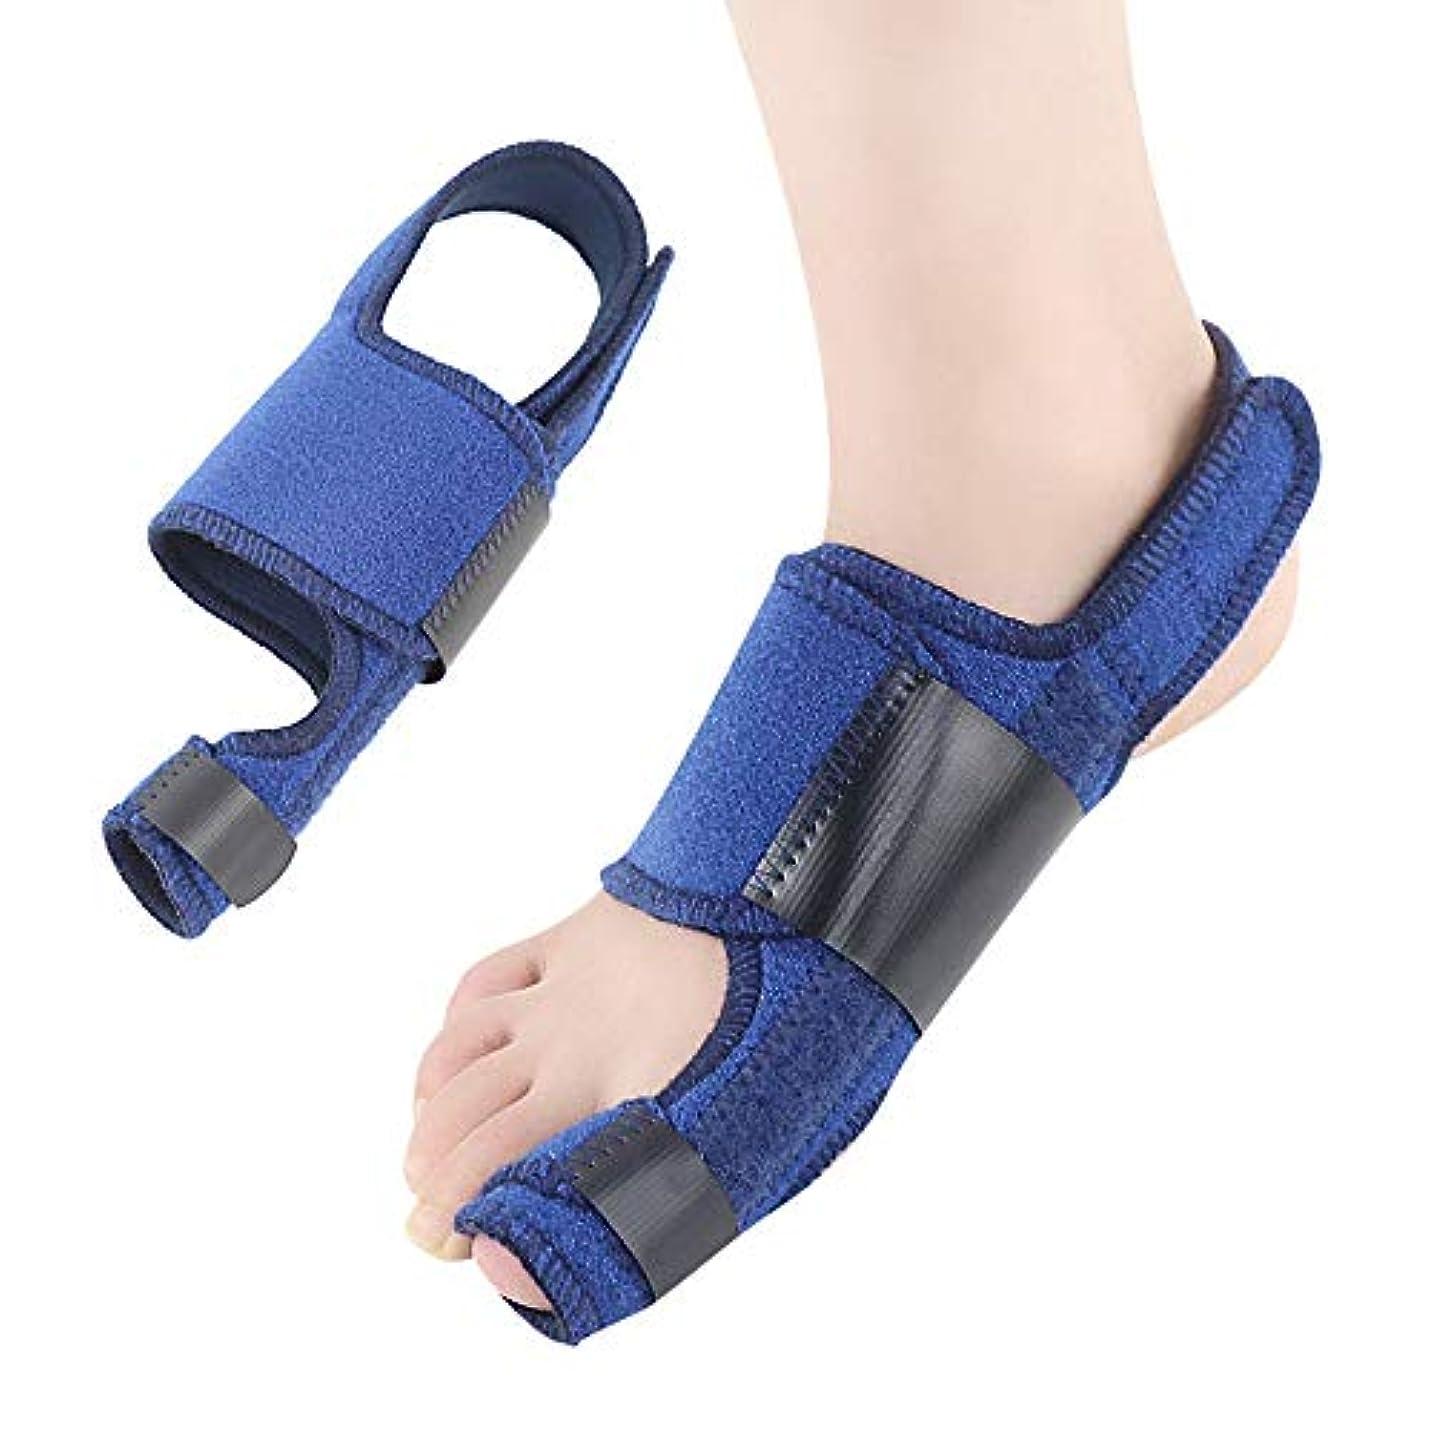 効果的ワットフェローシップ外反母趾足指セパレーターは足指重複嚢胞通気性吸収汗ワンサイズを防止し、ヨガ後の痛みと変形を軽減